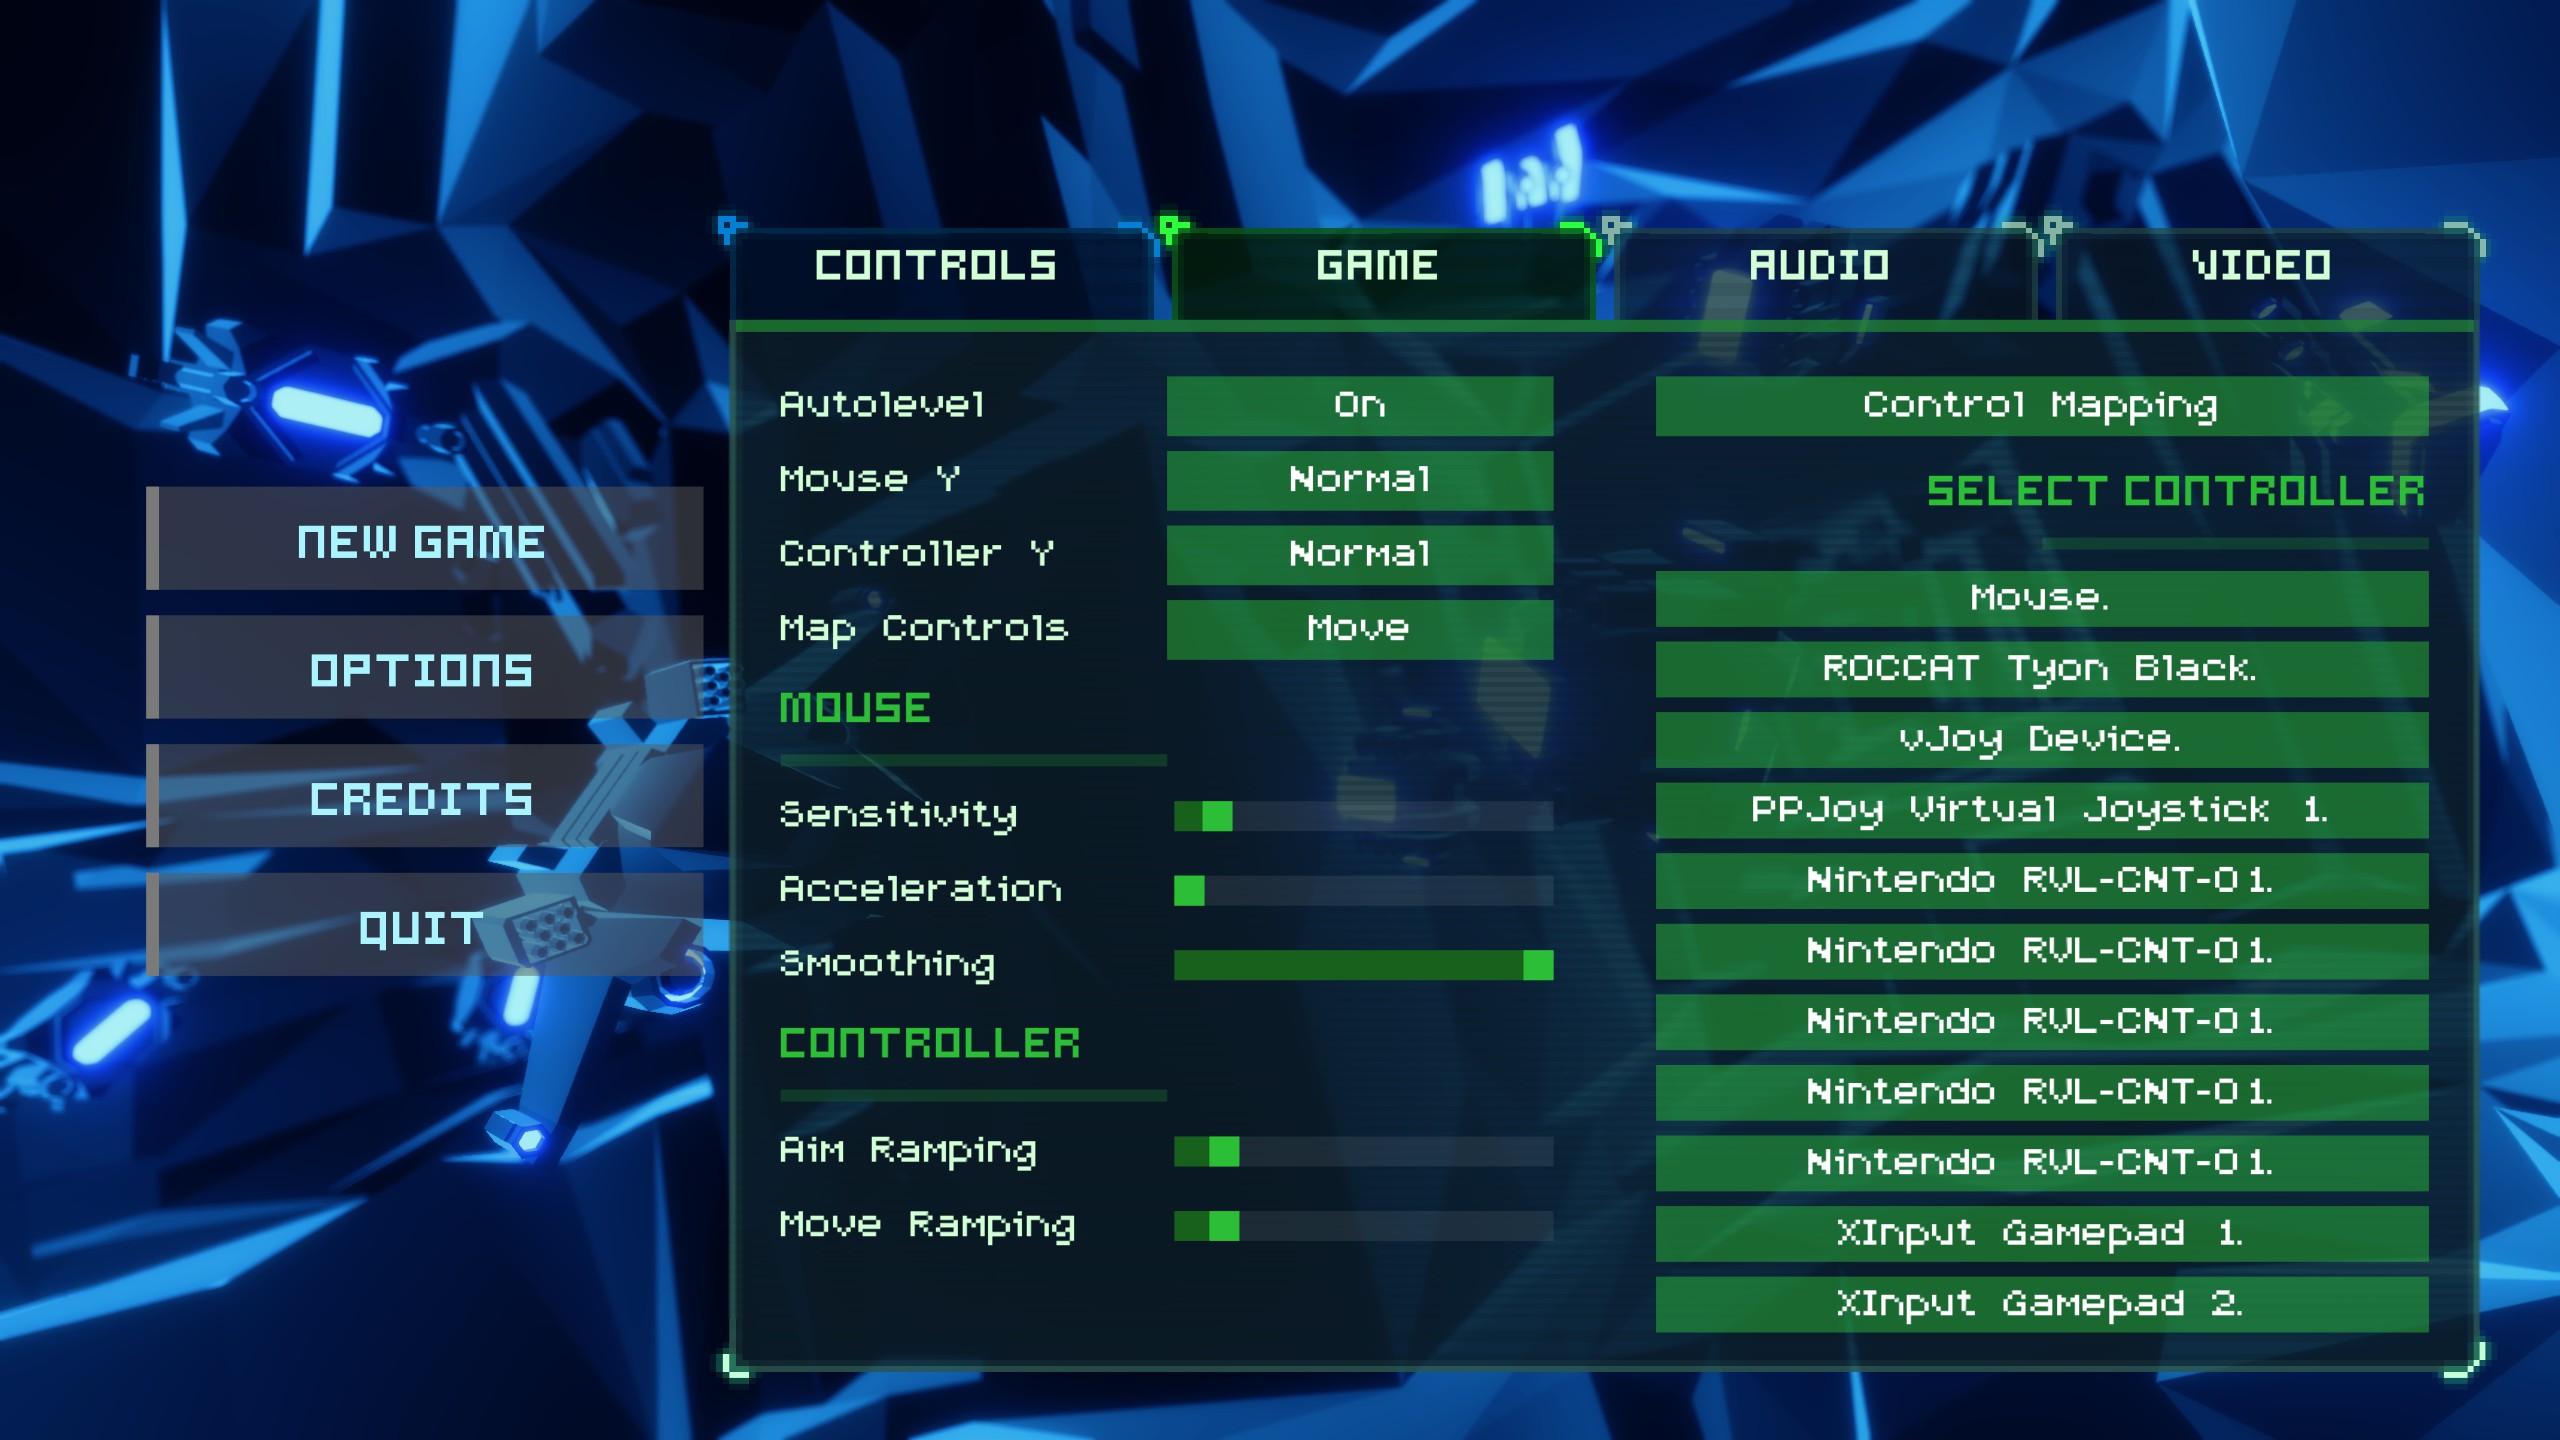 Steam Community :: Guide :: Wiimote-Nunchuk Control Guide